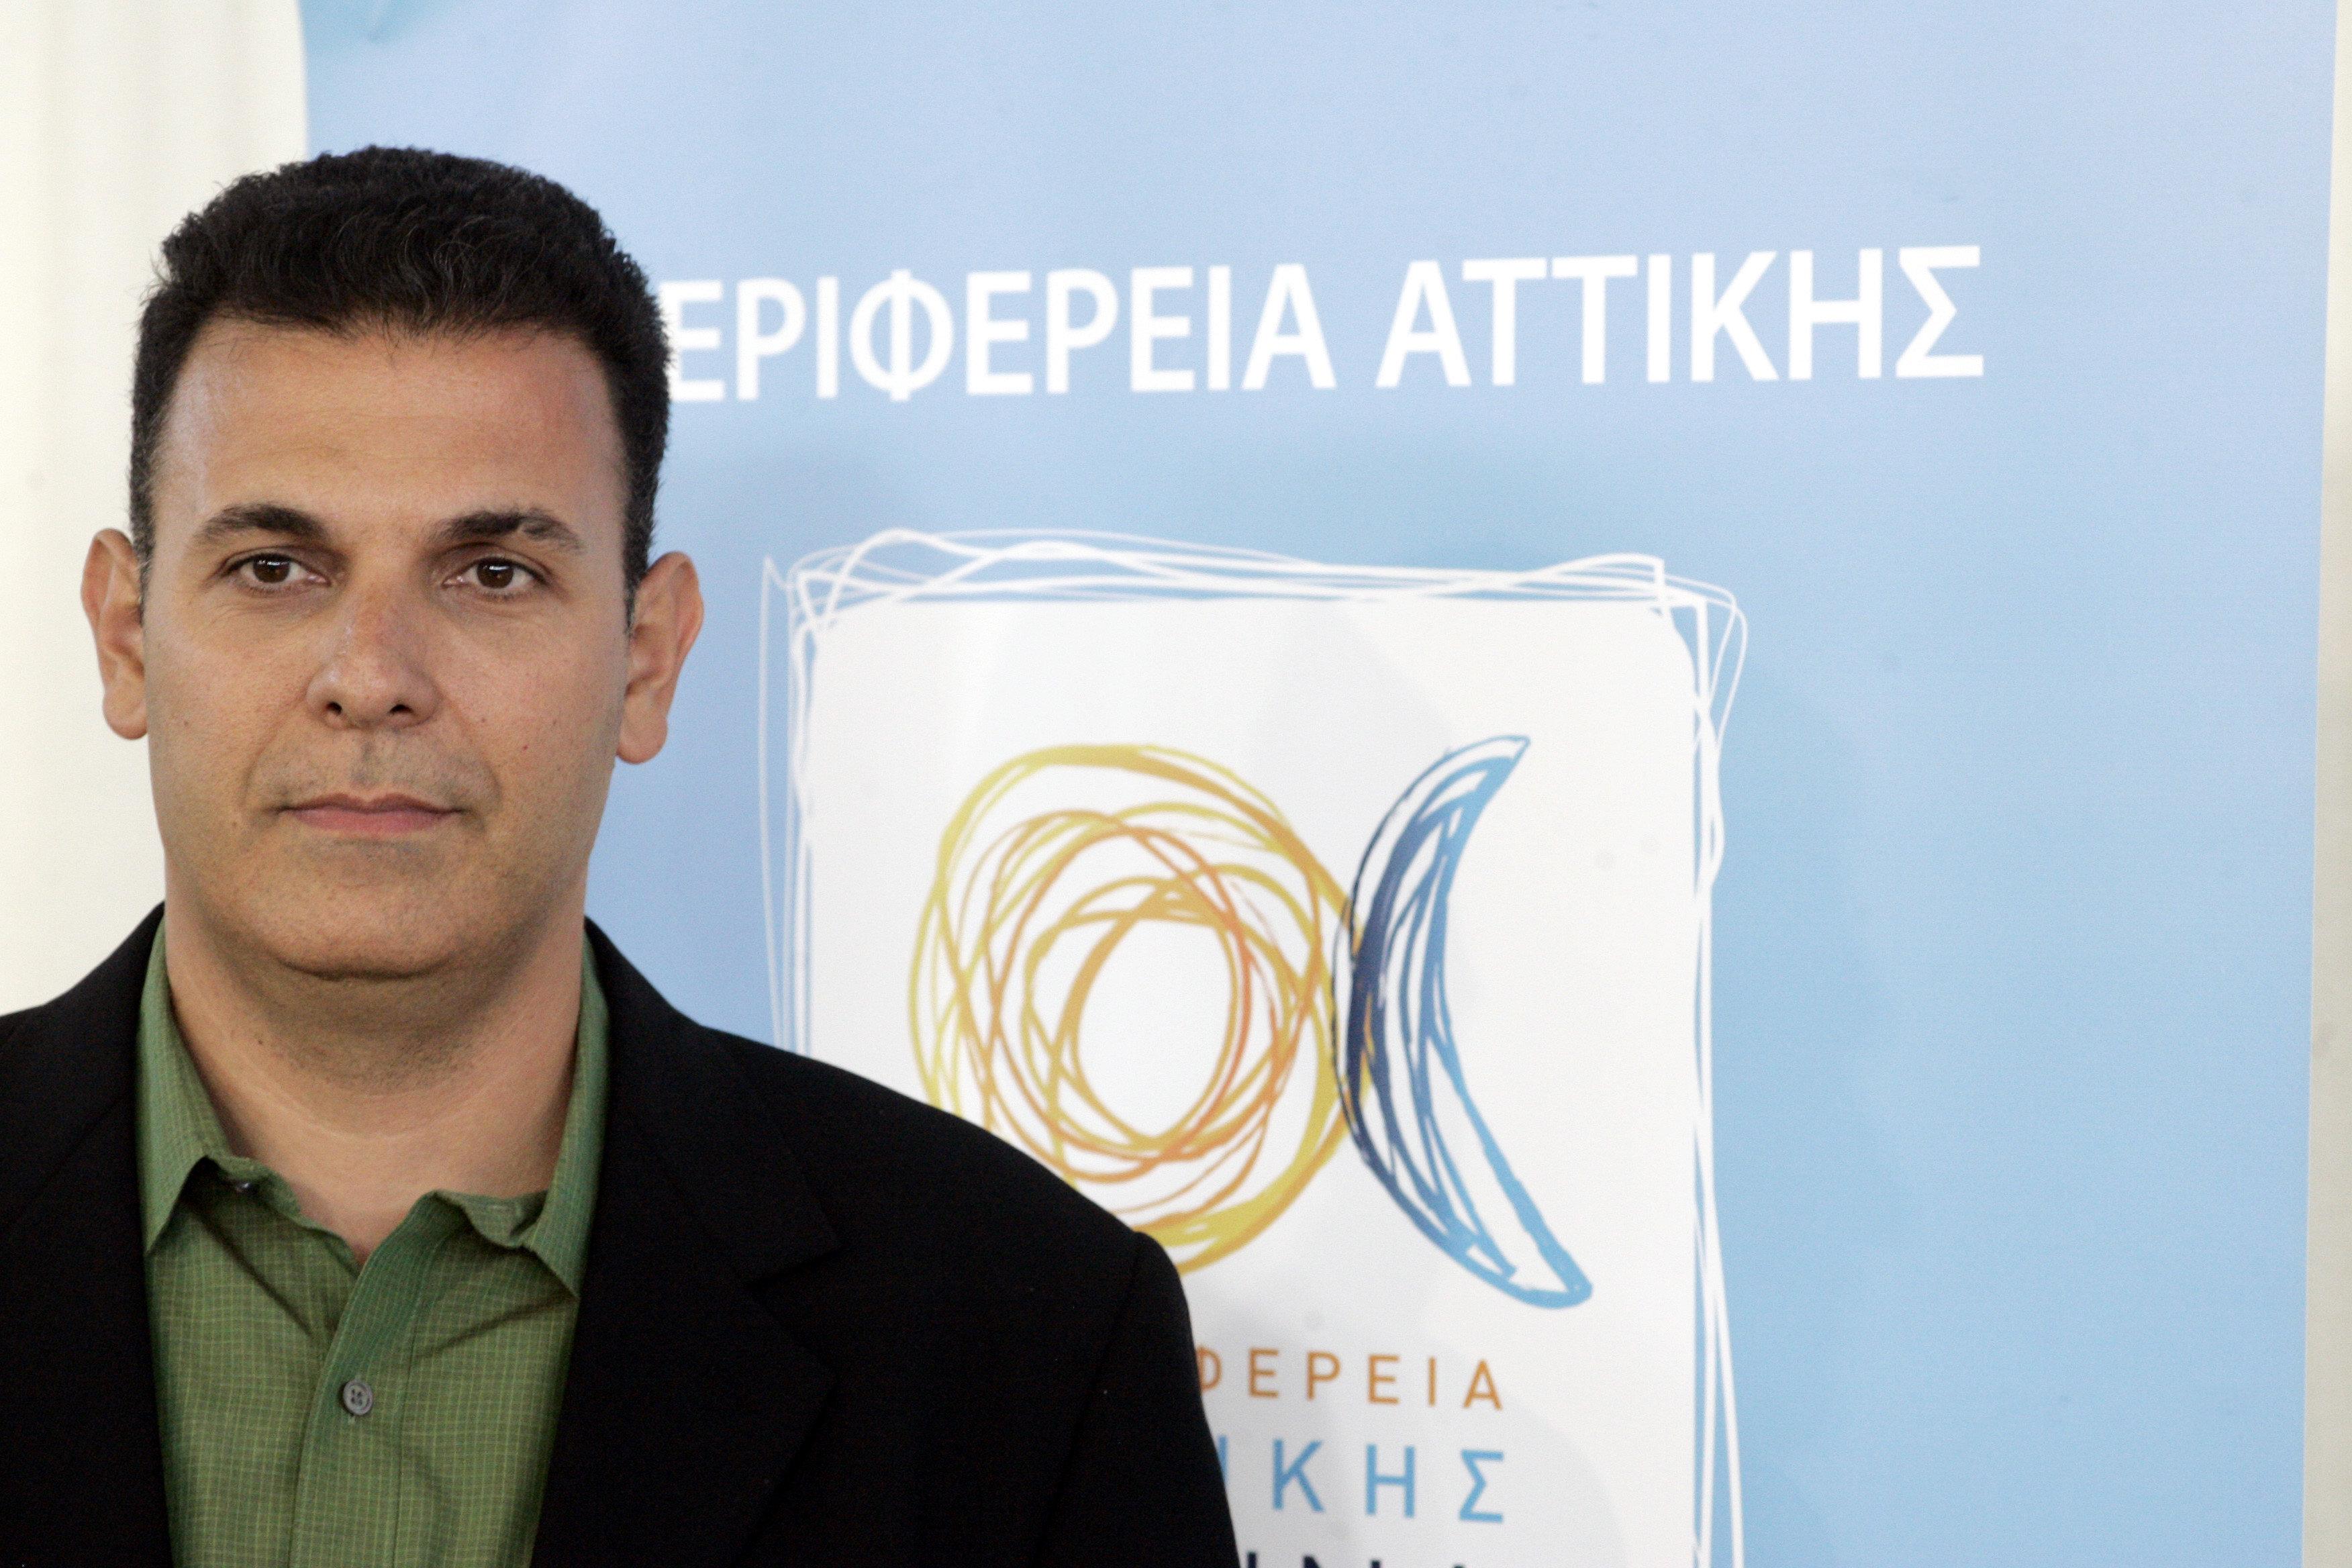 Ο Καραμέρος εγκαλεί την κυβέρνηση για τη μεταφορά ακινήτων του δημοσίου στο